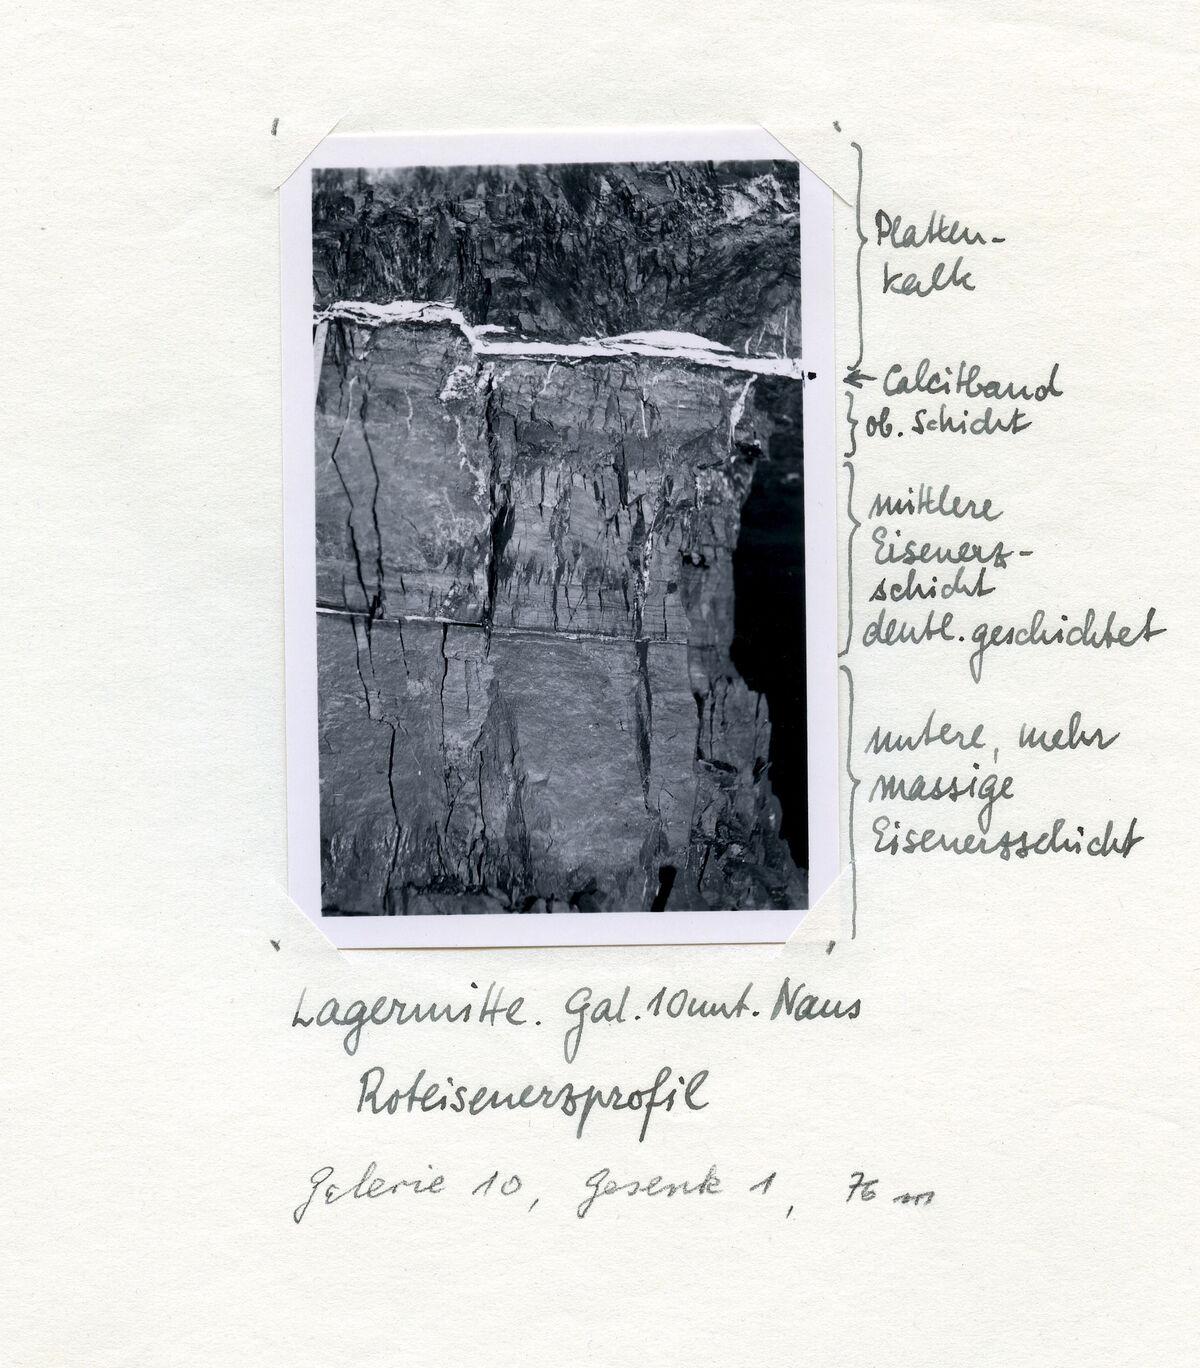 EBA 2/321.30: Gonzen, Bergwerksaufnahmen unter Tage